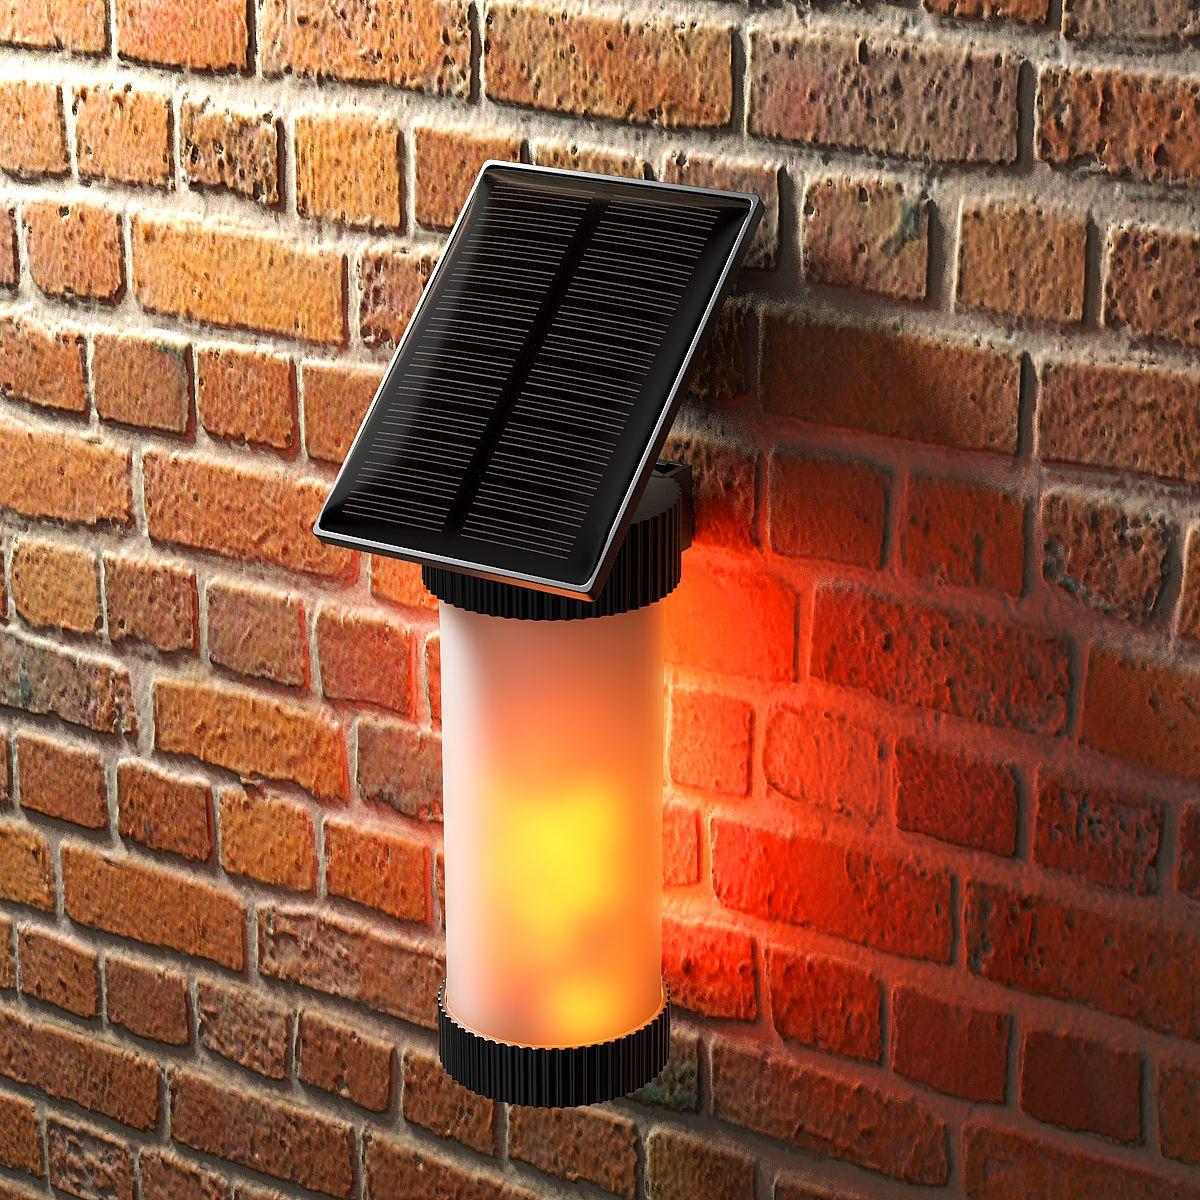 Mojidecor Solarleuchten Flamme Lampe Gartenleuchten Flackernde Wasserdicht Ip65 Solar Aussenleuchte Flammenlicht Solarleuchten Solar Aussenleuchte Gartenleuchten